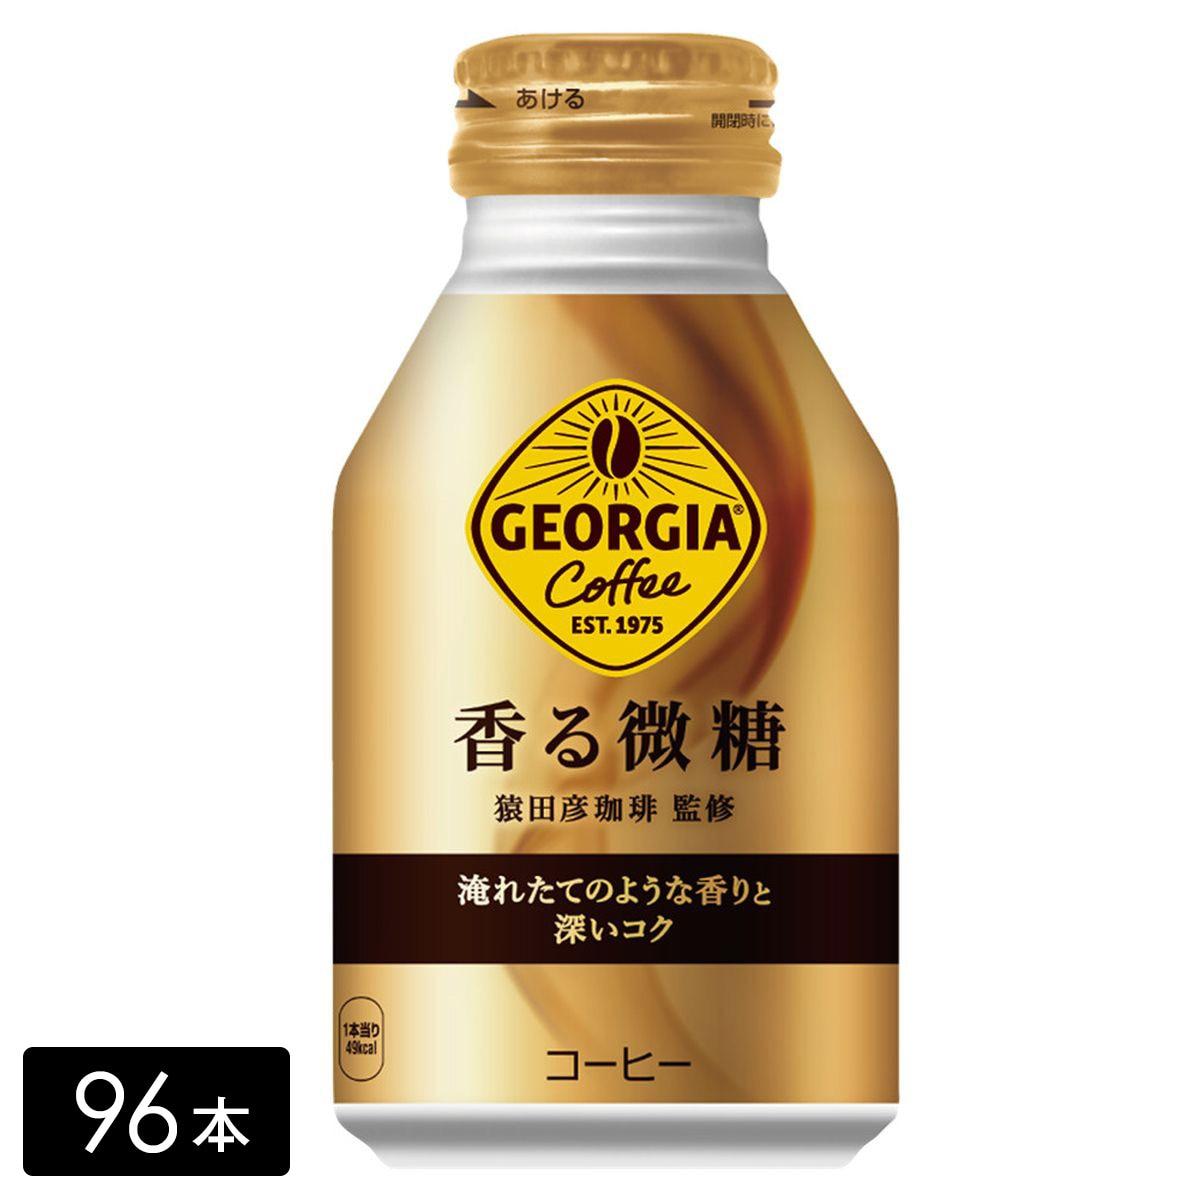 コカ・コーラボトラーズ ジョージア 香る微糖 ボトル 260mL×96本 51836